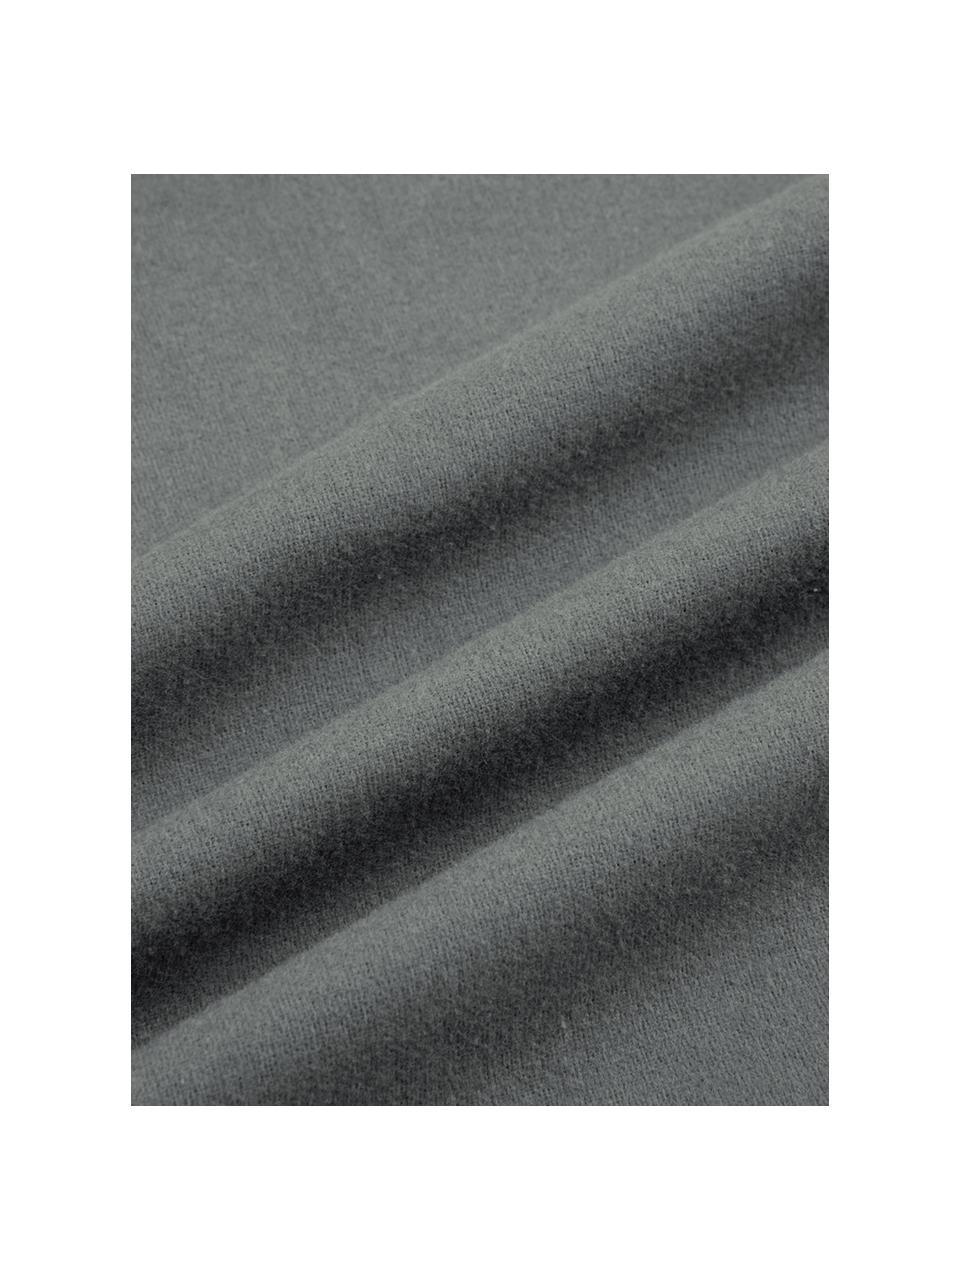 Flanell-Bettwäsche Biba in Grau, Webart: Flanell Flanell ist ein k, Grau, 135 x 200 cm + 1 Kissen 80 x 80 cm